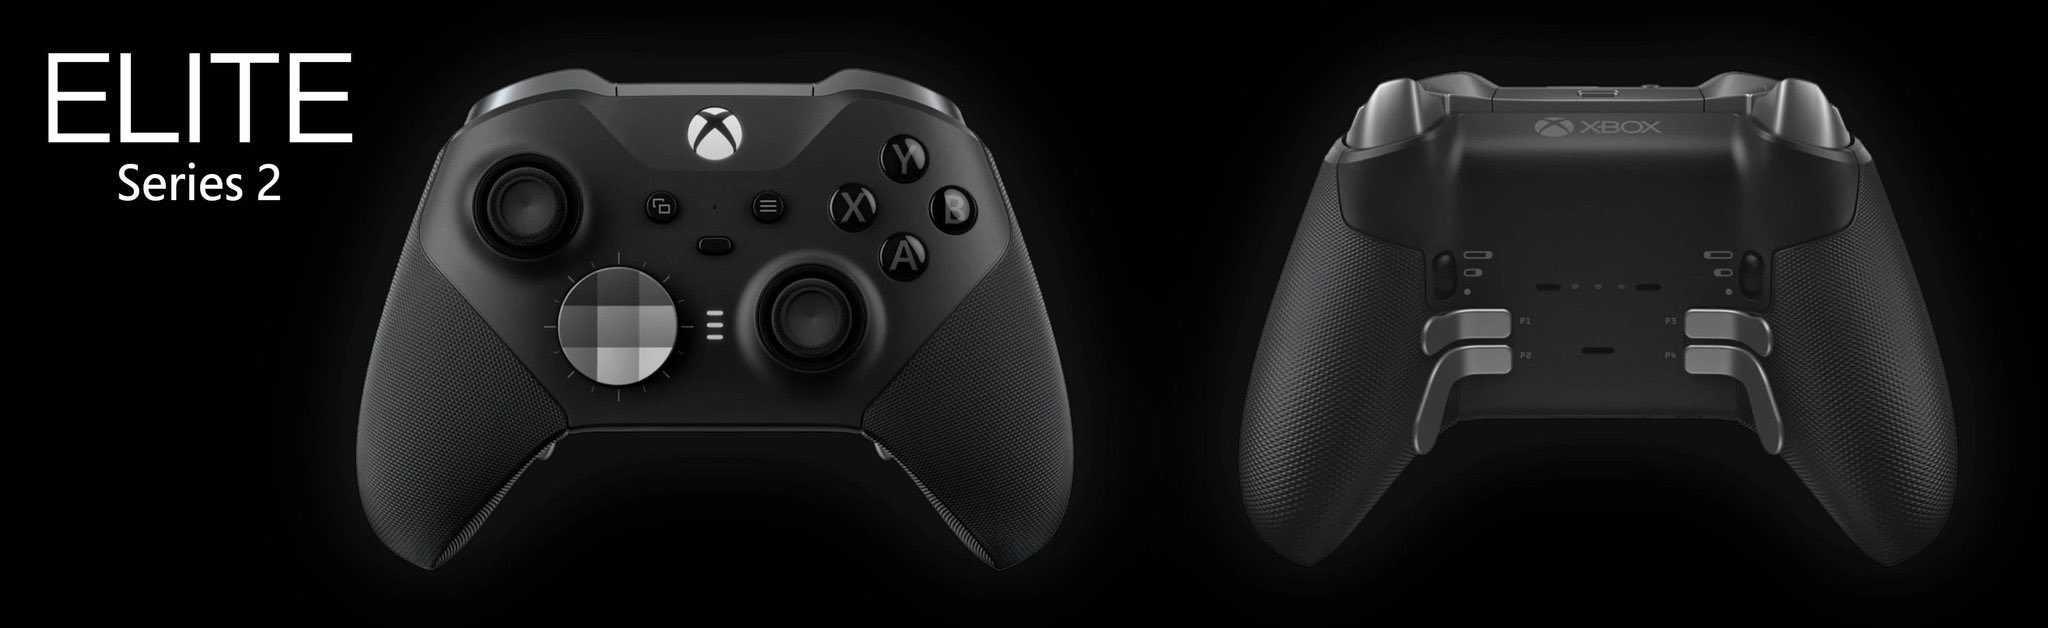 Обзор xbox elite controller series 2. такой контроллер должен идти в комплекте с xbox!